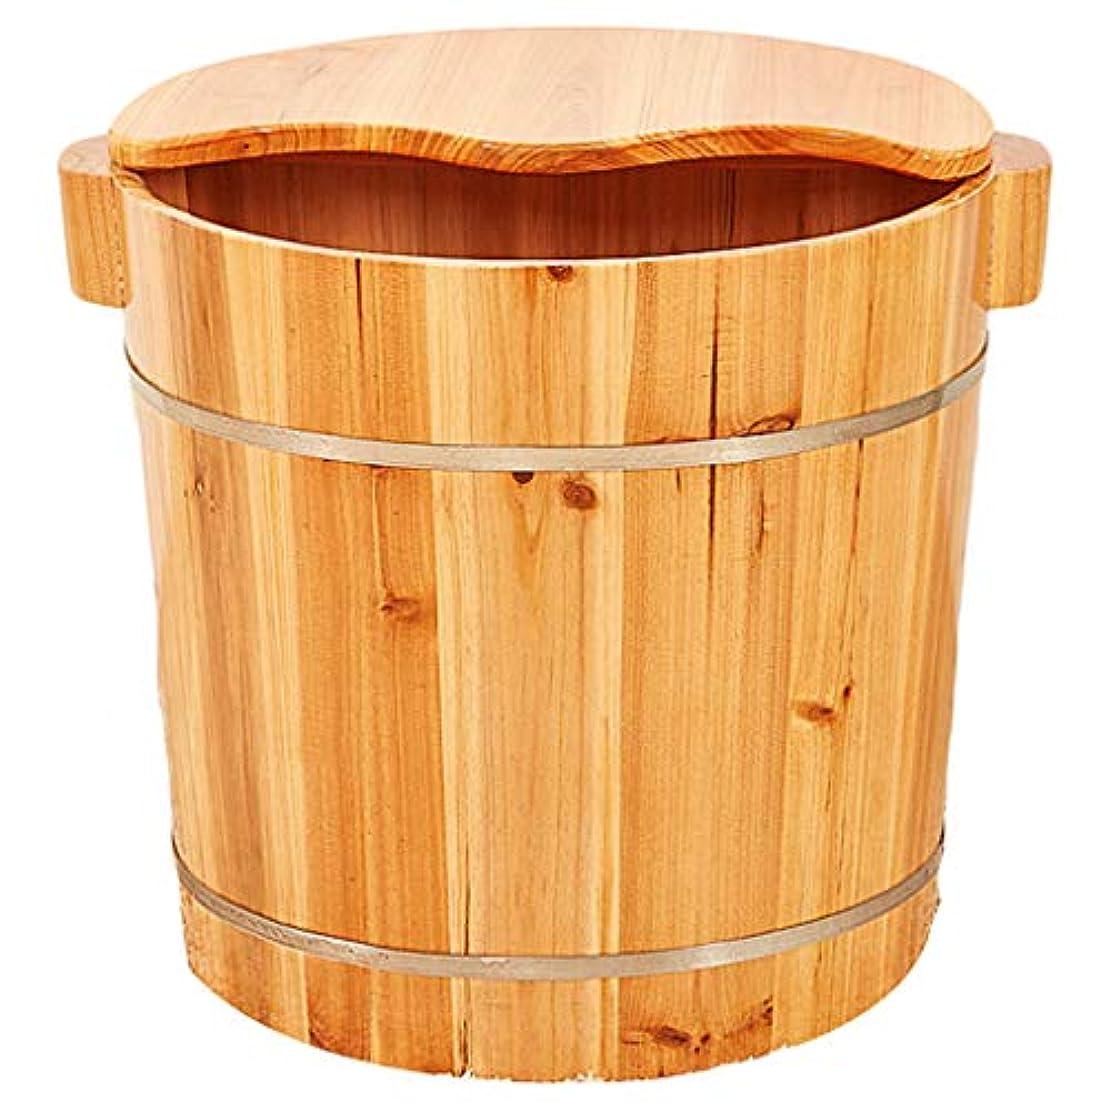 赤面村型蓋高い深さAkupunktmassage木の足浴槽の足元を持つフットウォッシュ足湯家庭用マッサージ足湯ペディキュアバレル